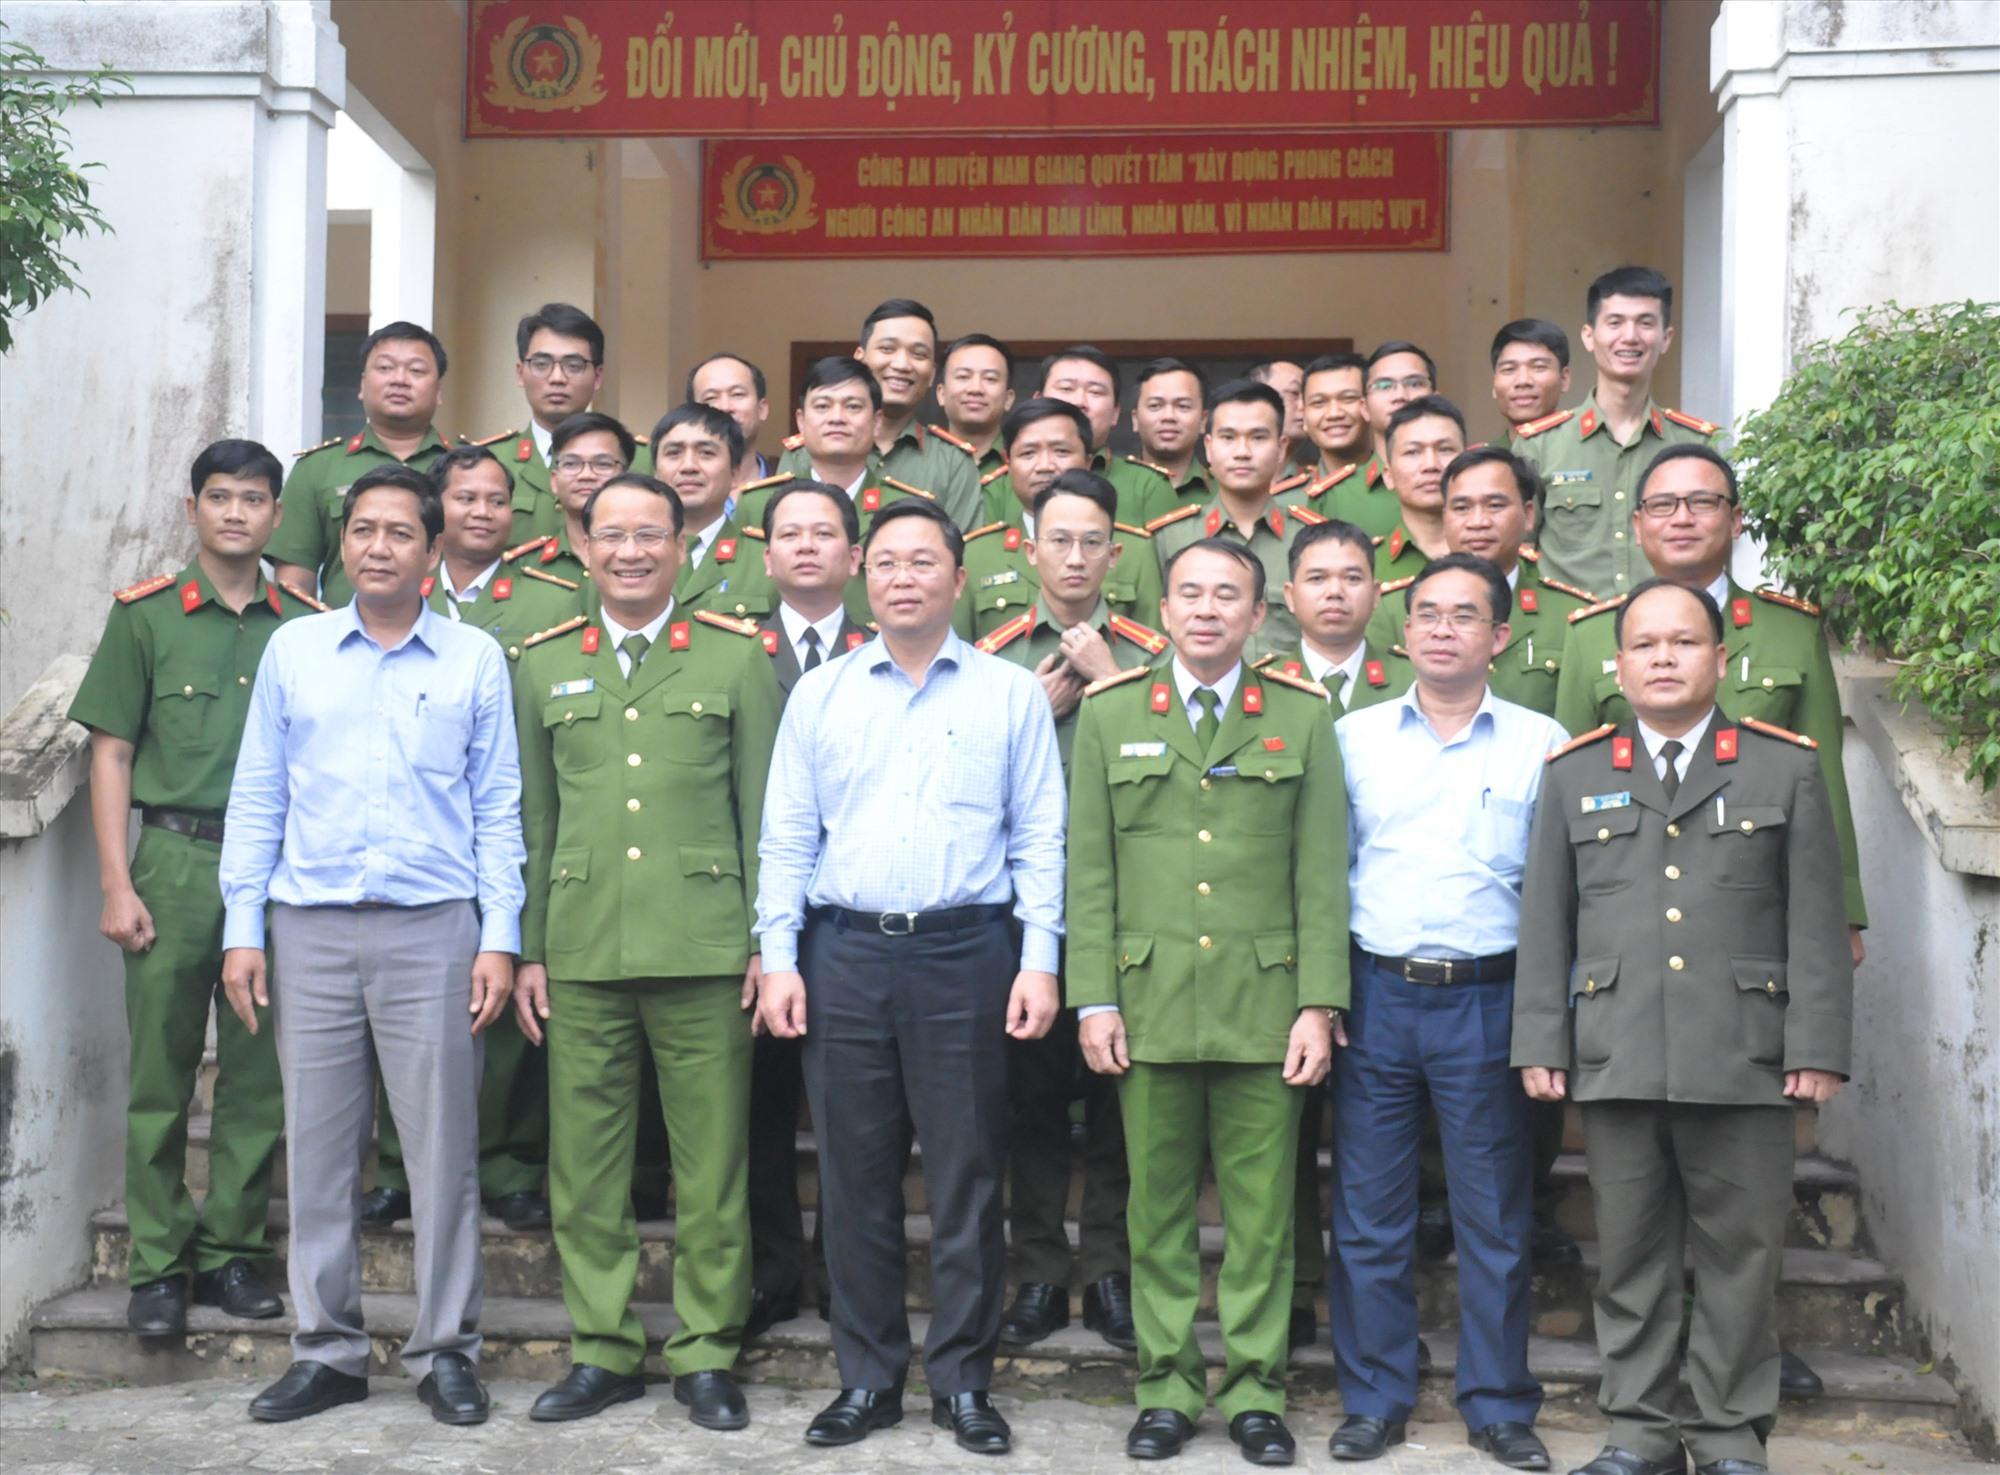 Chủ tịch UBND tỉnh Lê Trí Thanh chụp hình lưu niệm với lãnh đạo Công an huyện Nam Giang và lực lượng công an xã chính quy địa phương. Ảnh: N.Đ